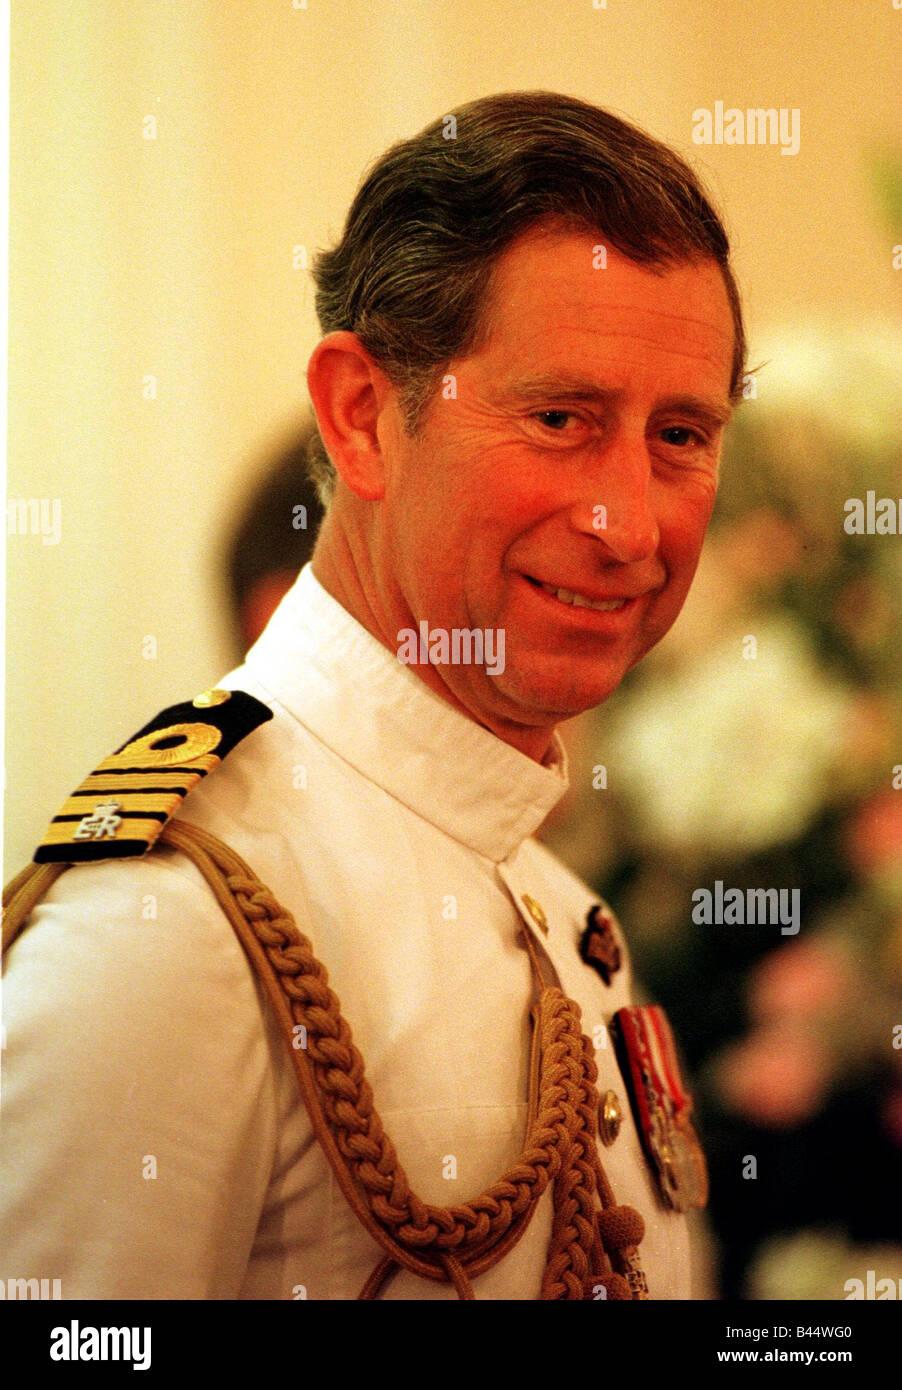 Prince Charles at the Hong Kong Handover June 1997 - Stock Image